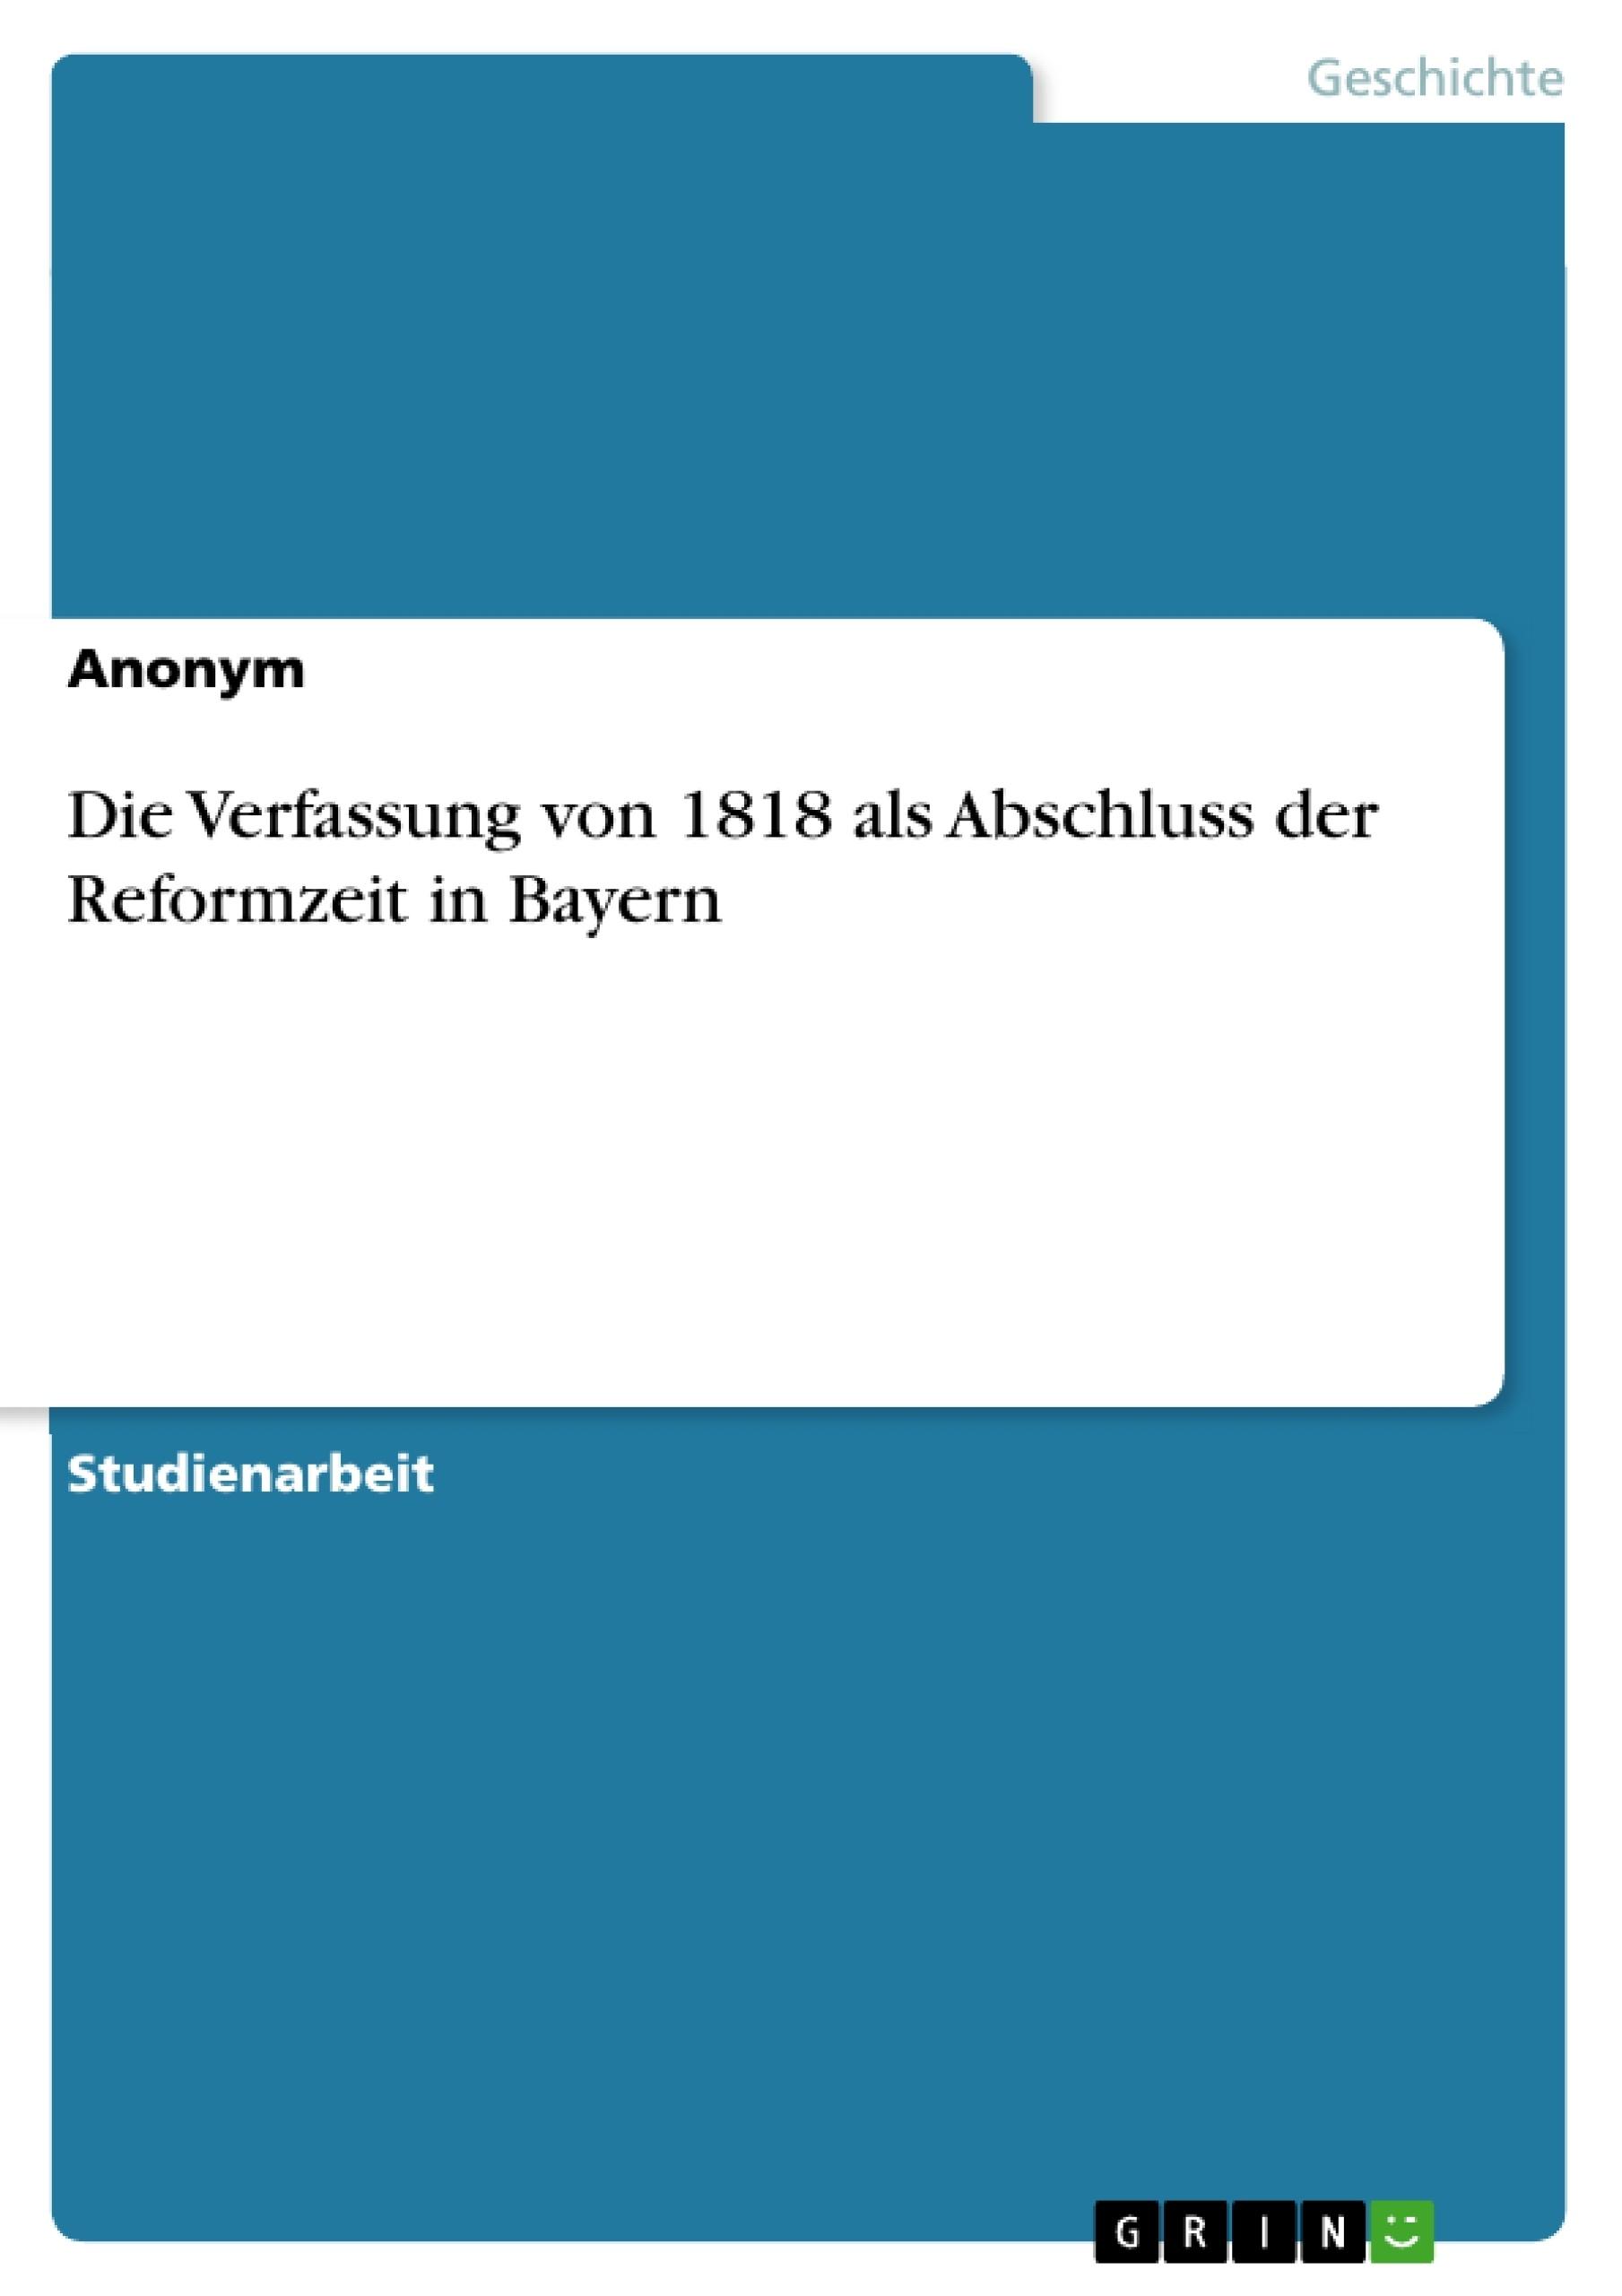 Titel: Die Verfassung von 1818 als Abschluss der Reformzeit in Bayern